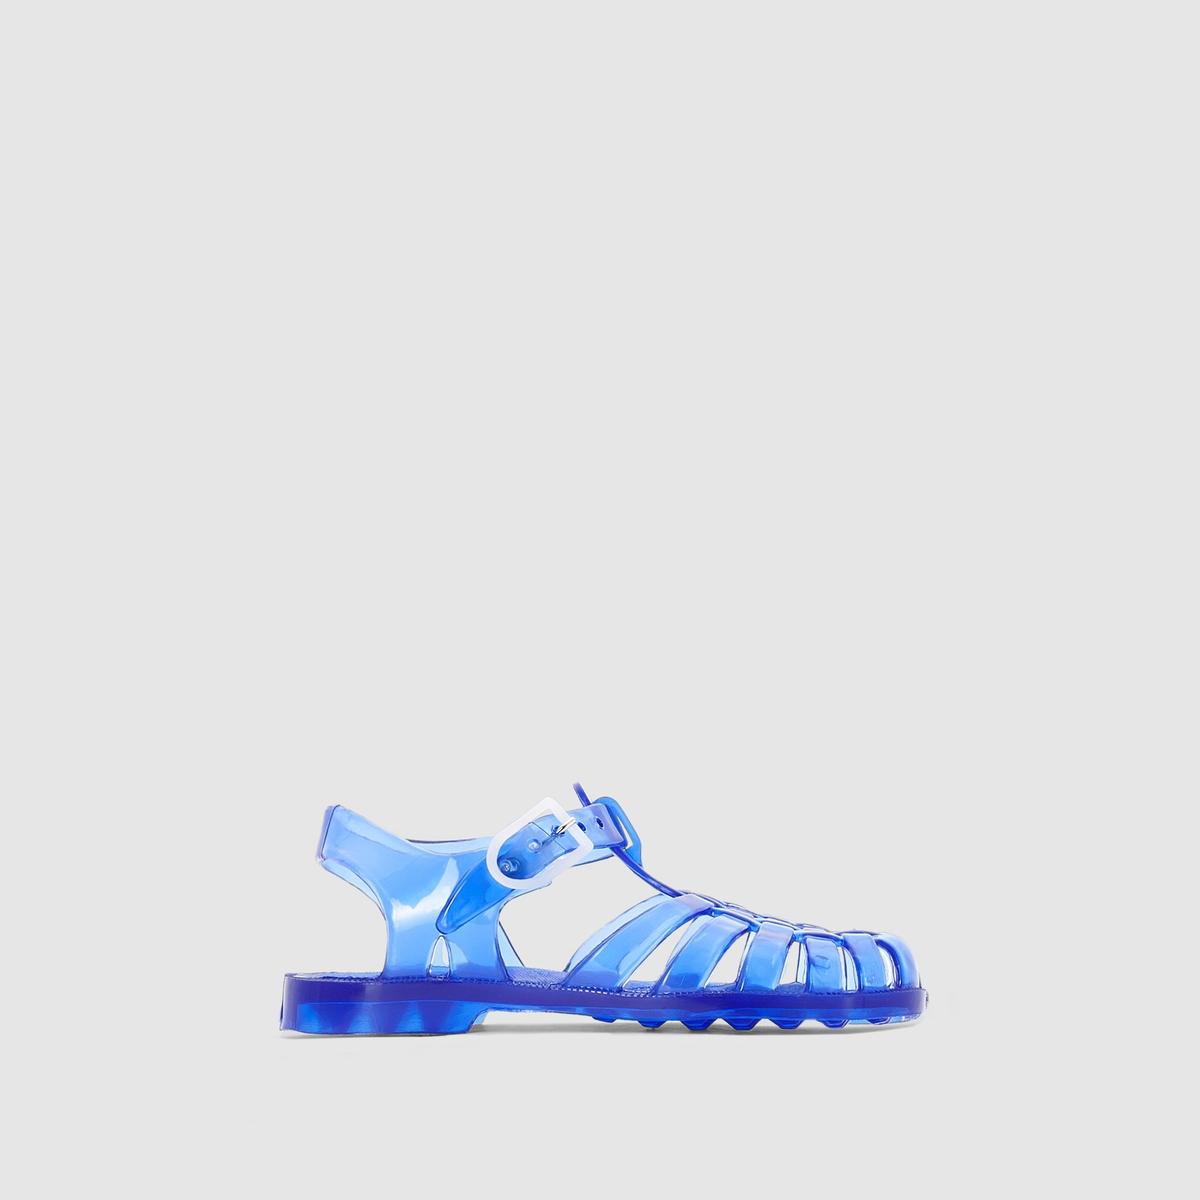 Босоножки La Redoute Размеры - 19 синий салфетка столовая коралл 3249 пвх поливинилхлорид